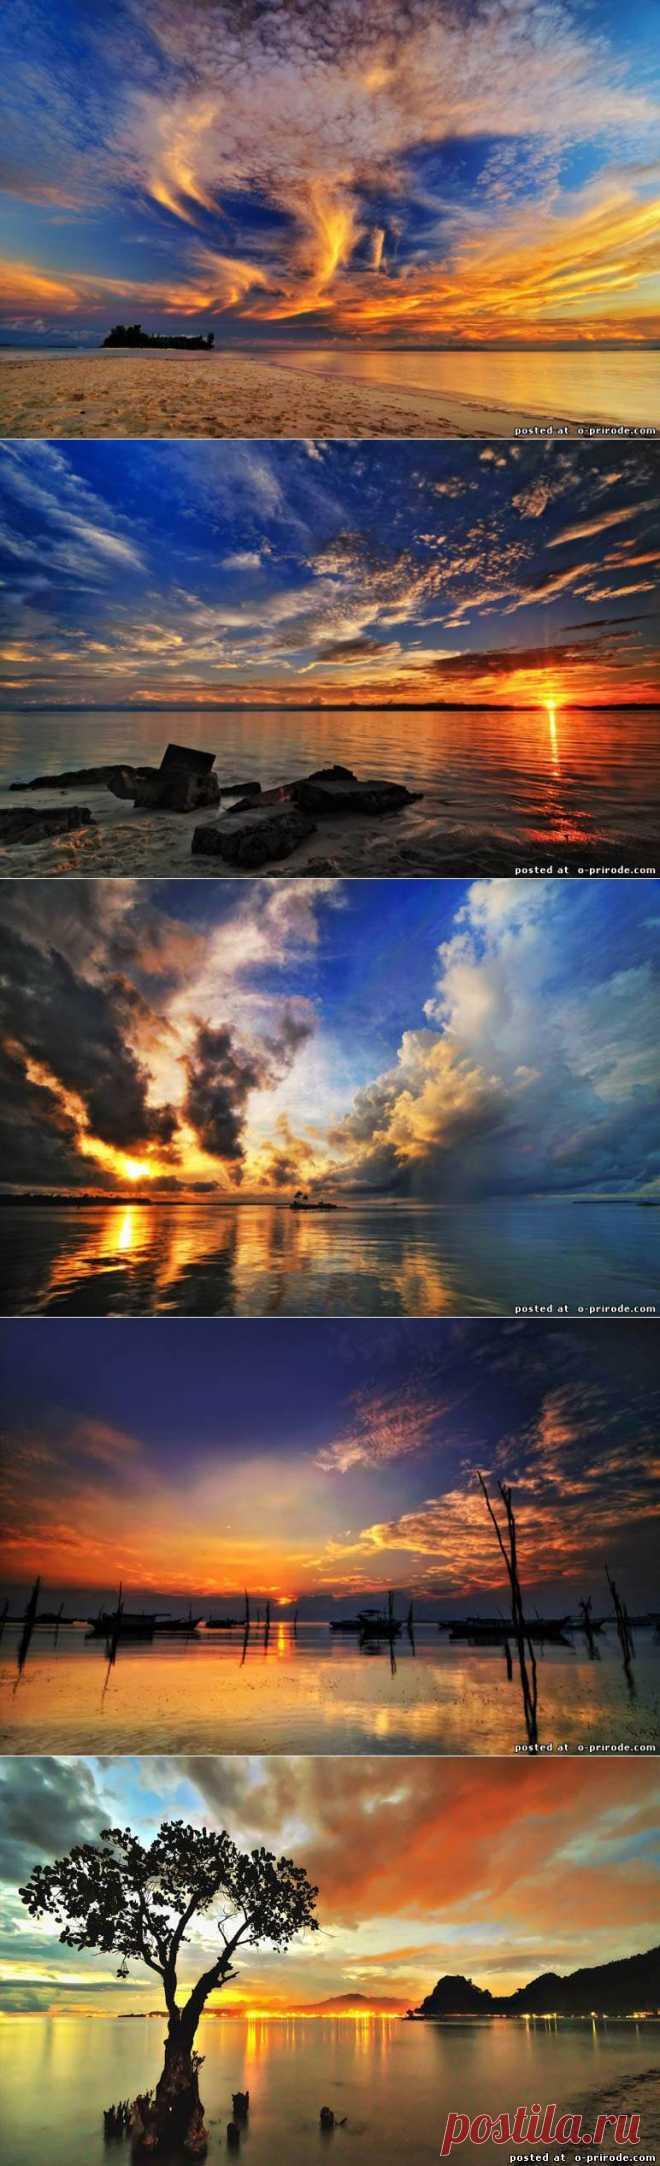 Красивые закаты от Arnov Setyanto - Природное явление - Фото мир природы